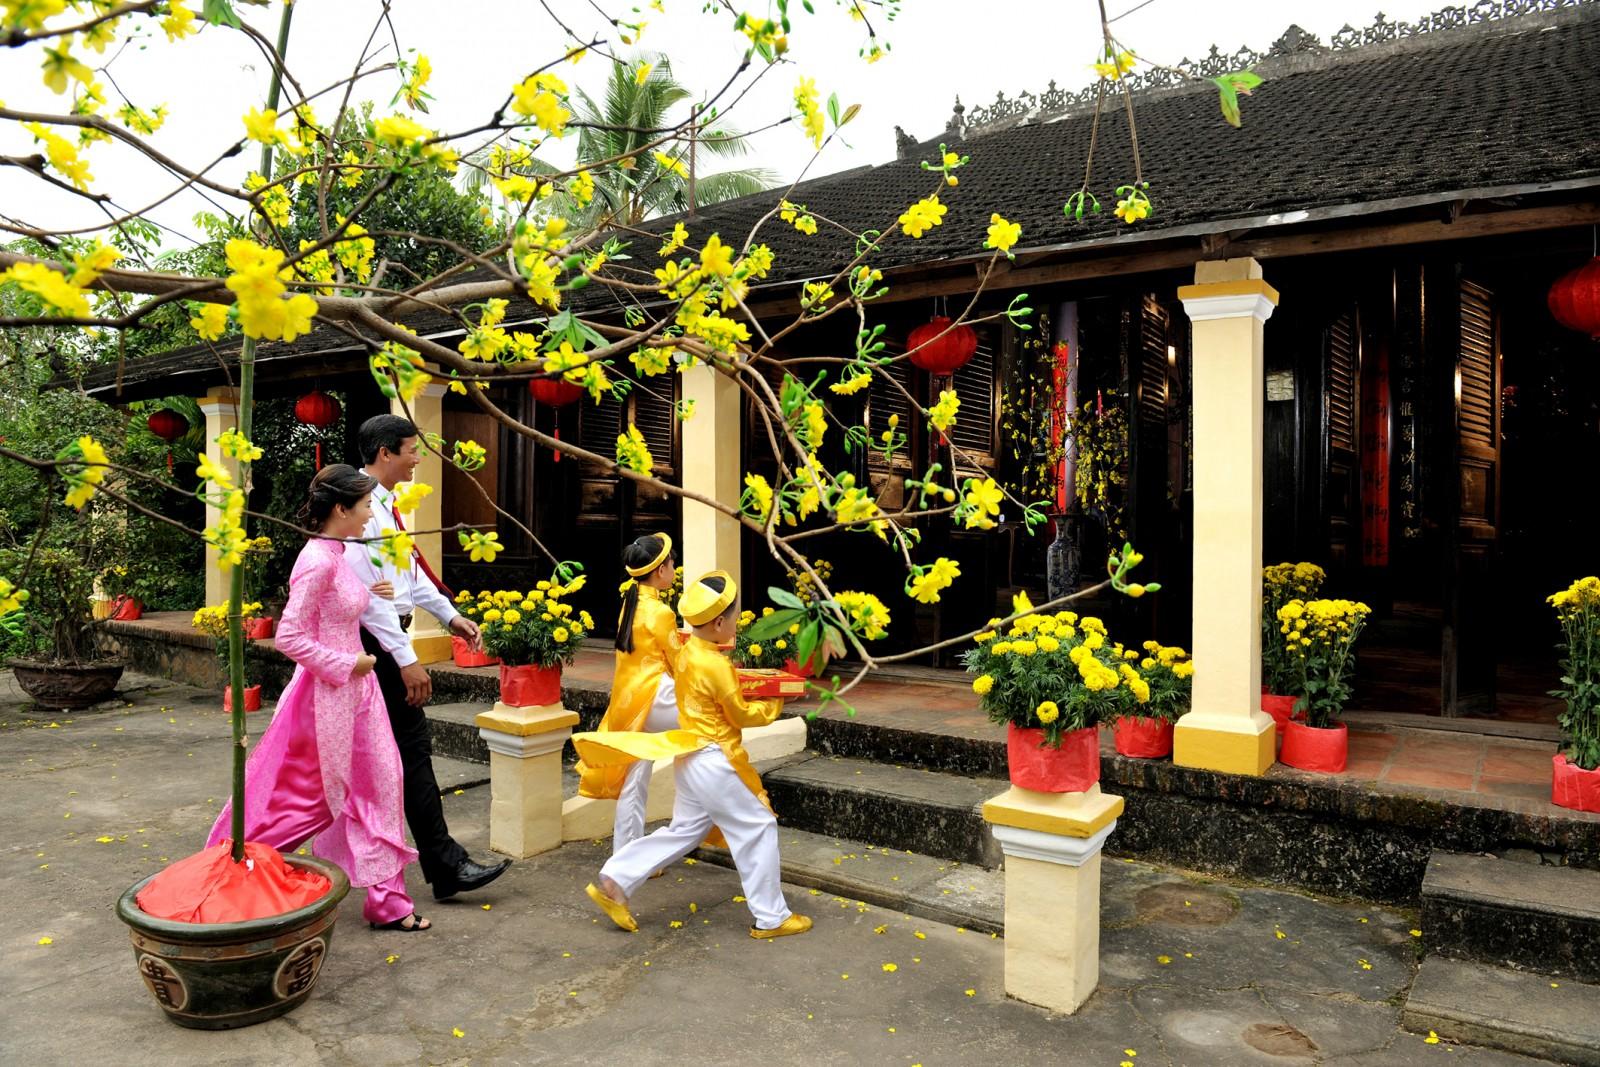 Giữ gìn truyền thống phong tục ngày Tết, làm đẹp văn hoá cổ truyền dân tộc